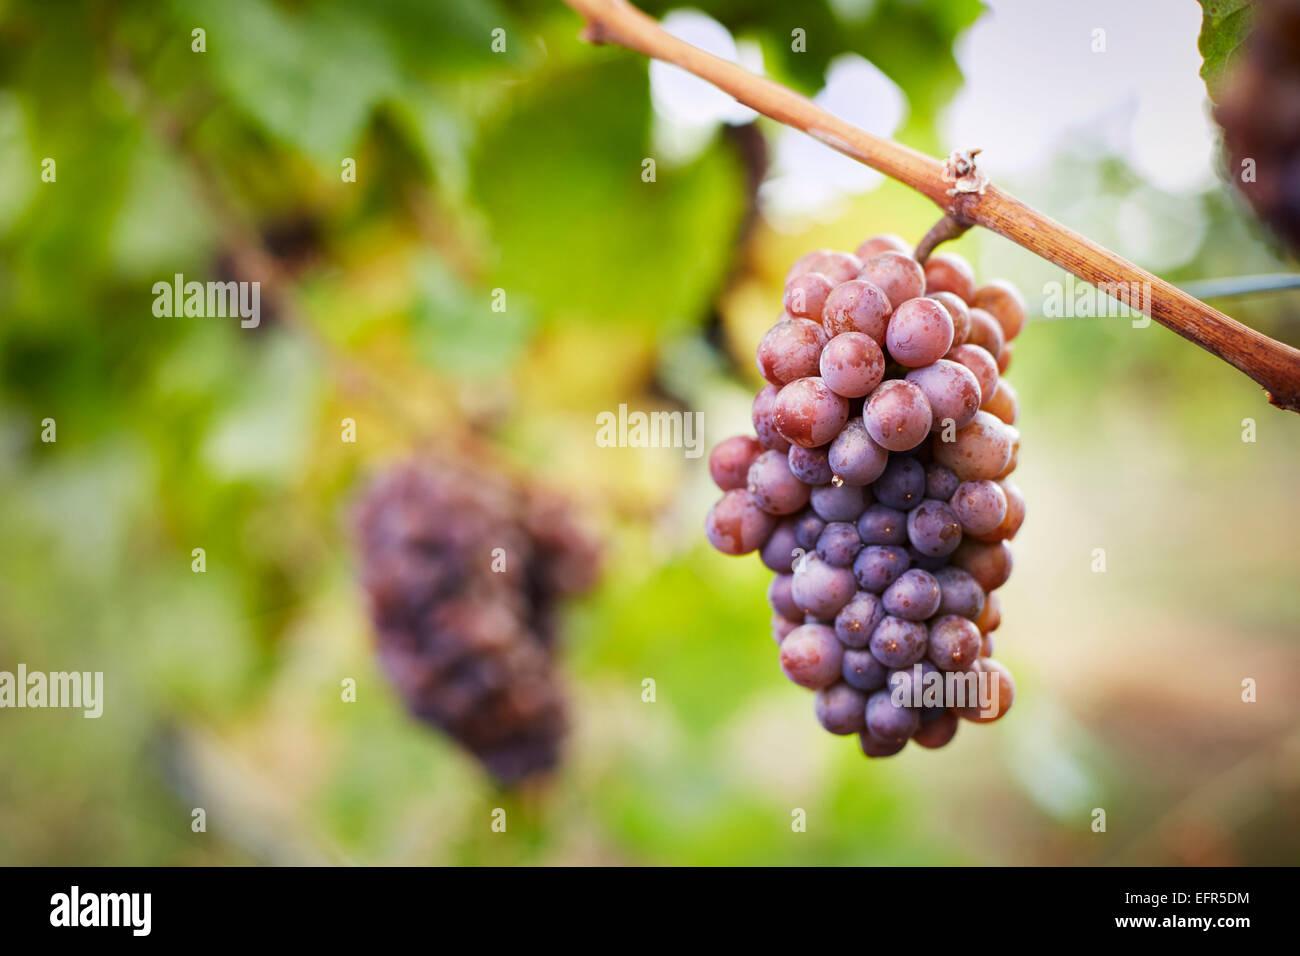 Primer plano de un racimo de uvas rojas en la vid, Kelowna, British Columbia, Canadá Imagen De Stock